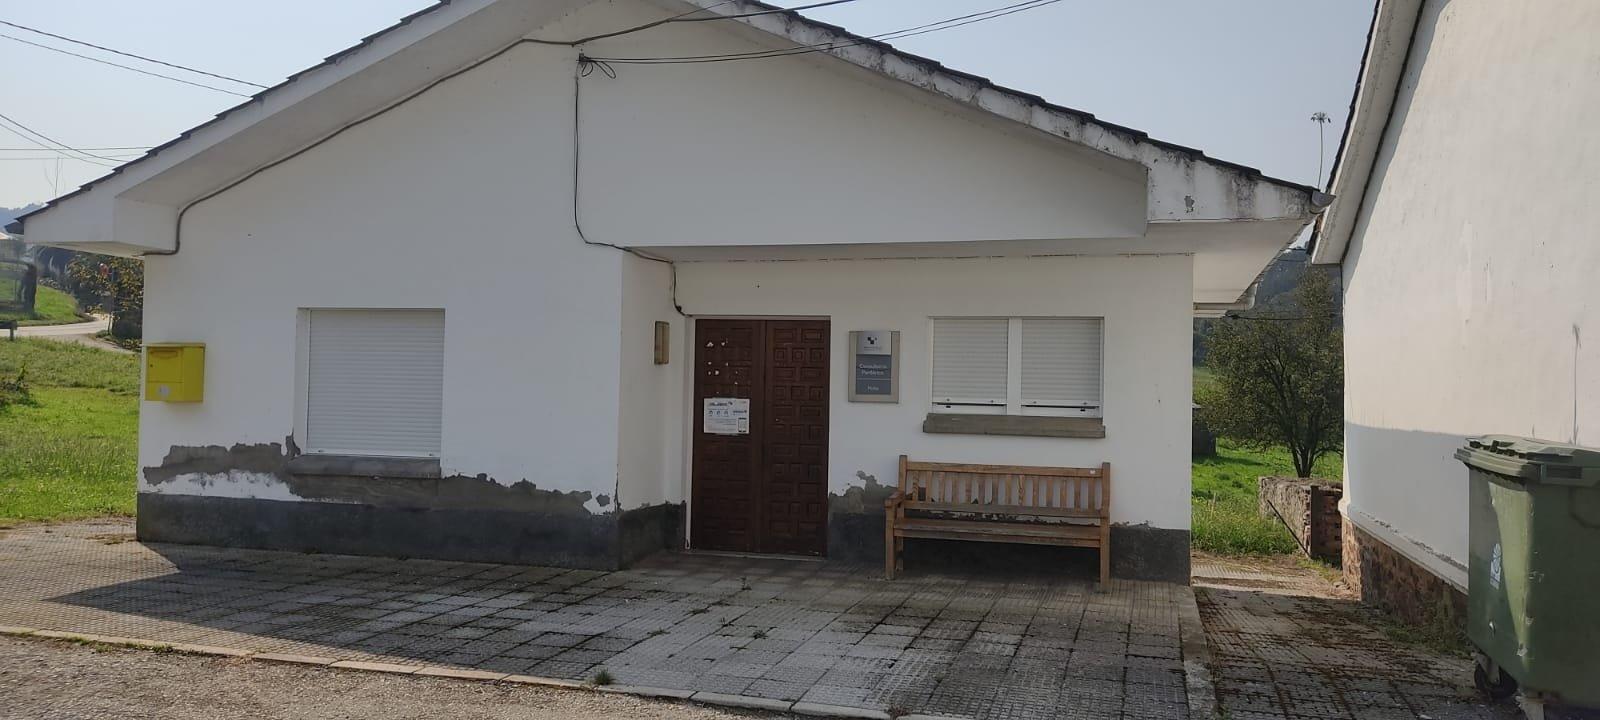 El Consejo de Salud de Trevías denuncia la falta de médicos en el Centro de Salud local